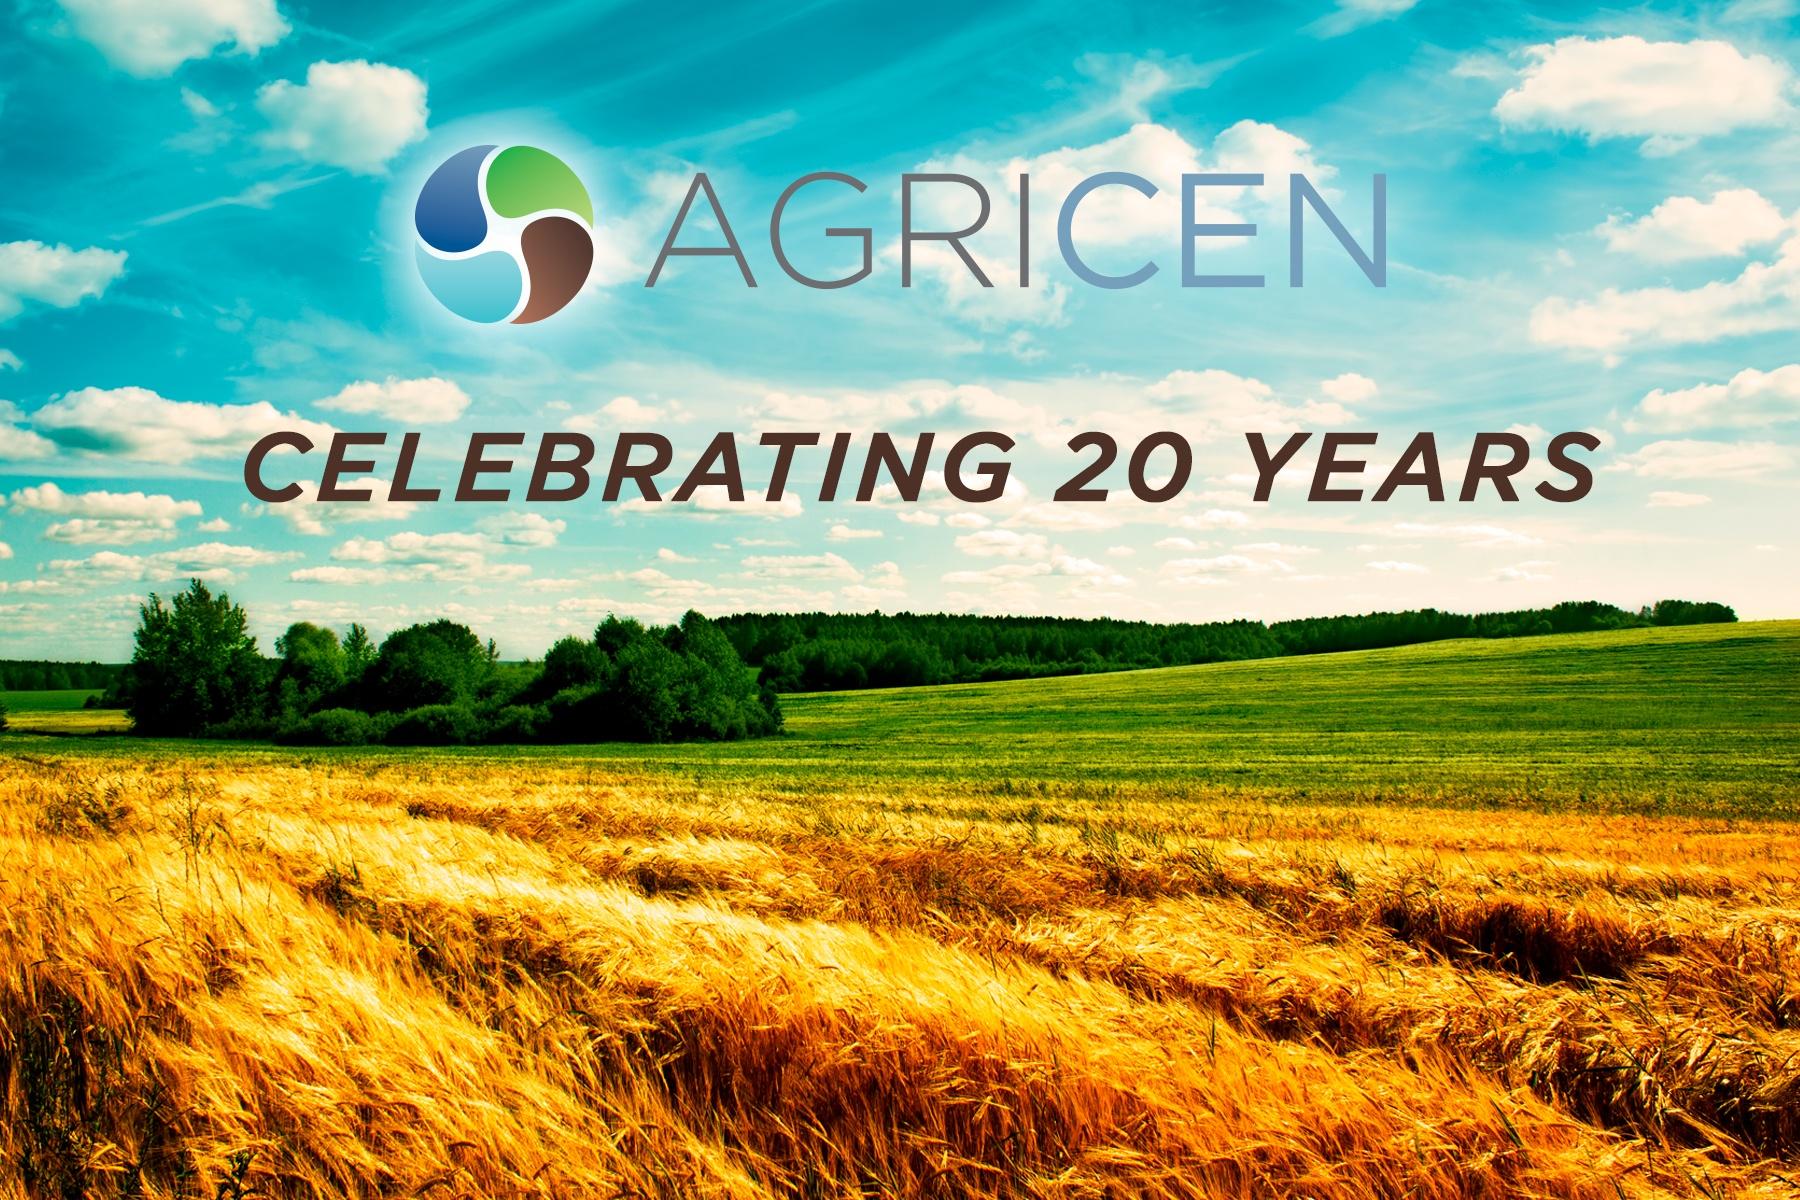 agricen-20-years-02